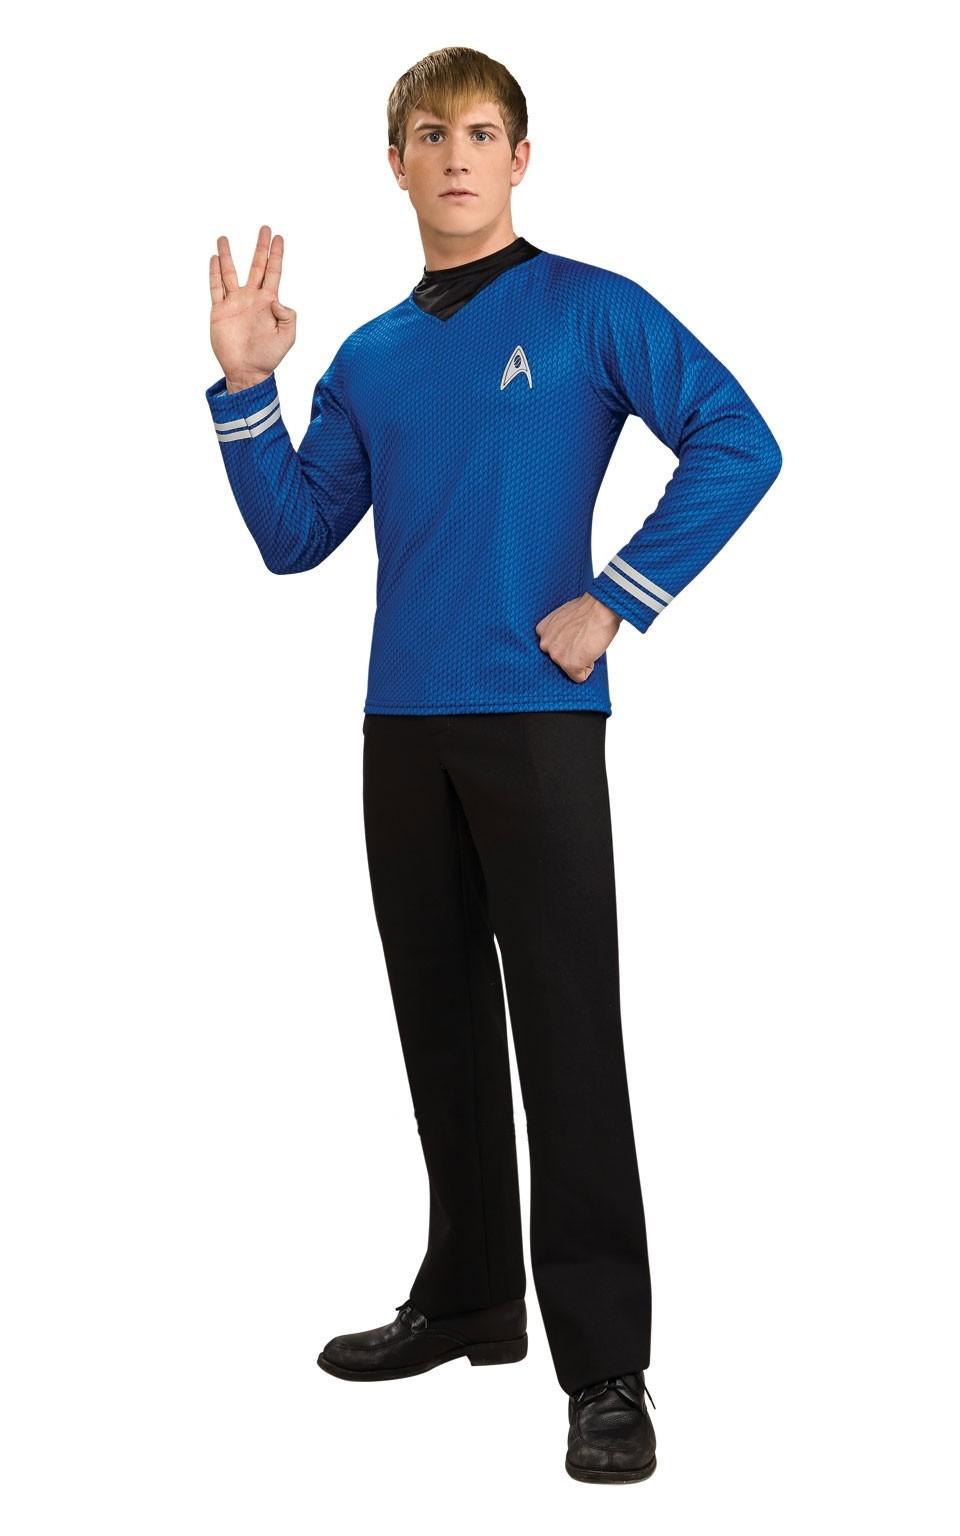 Рубашка Спока Star Trek Dlx (54) - Киногерои, р.54